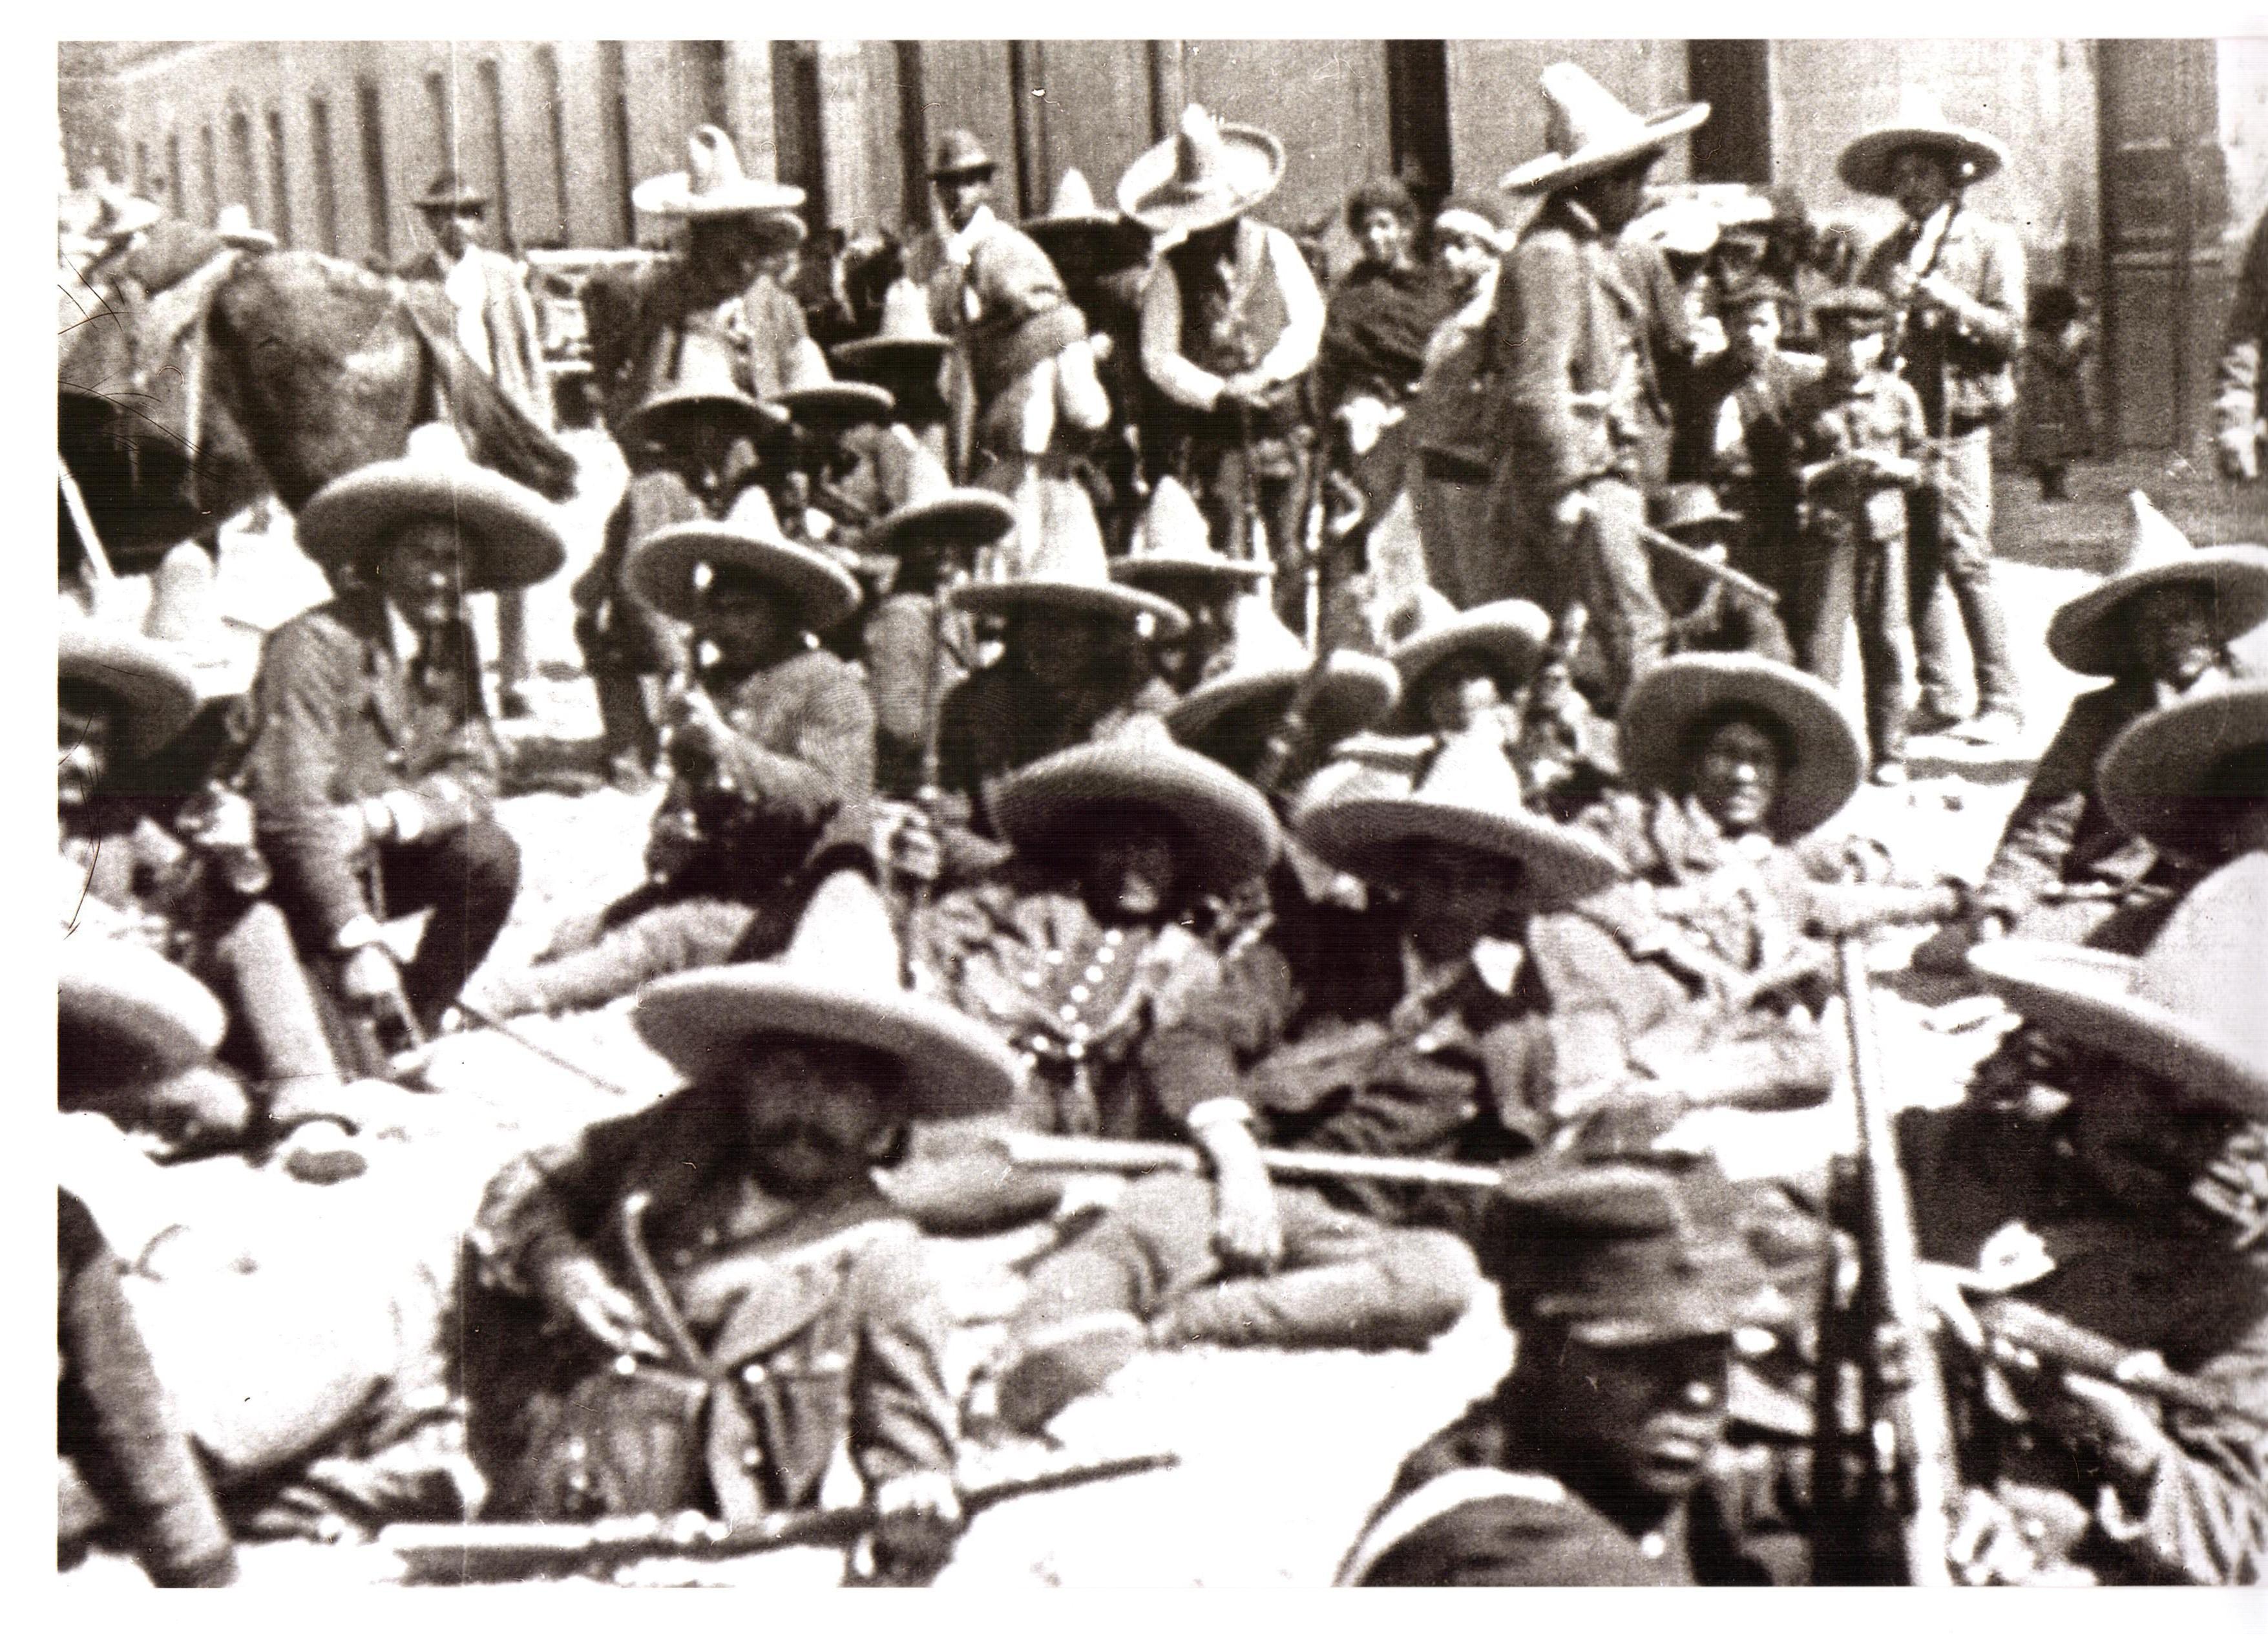 Still de Memorias de un mexicano, dir. Salvador Toscano, ©Fundación Carmen Toscano, México, 1950.